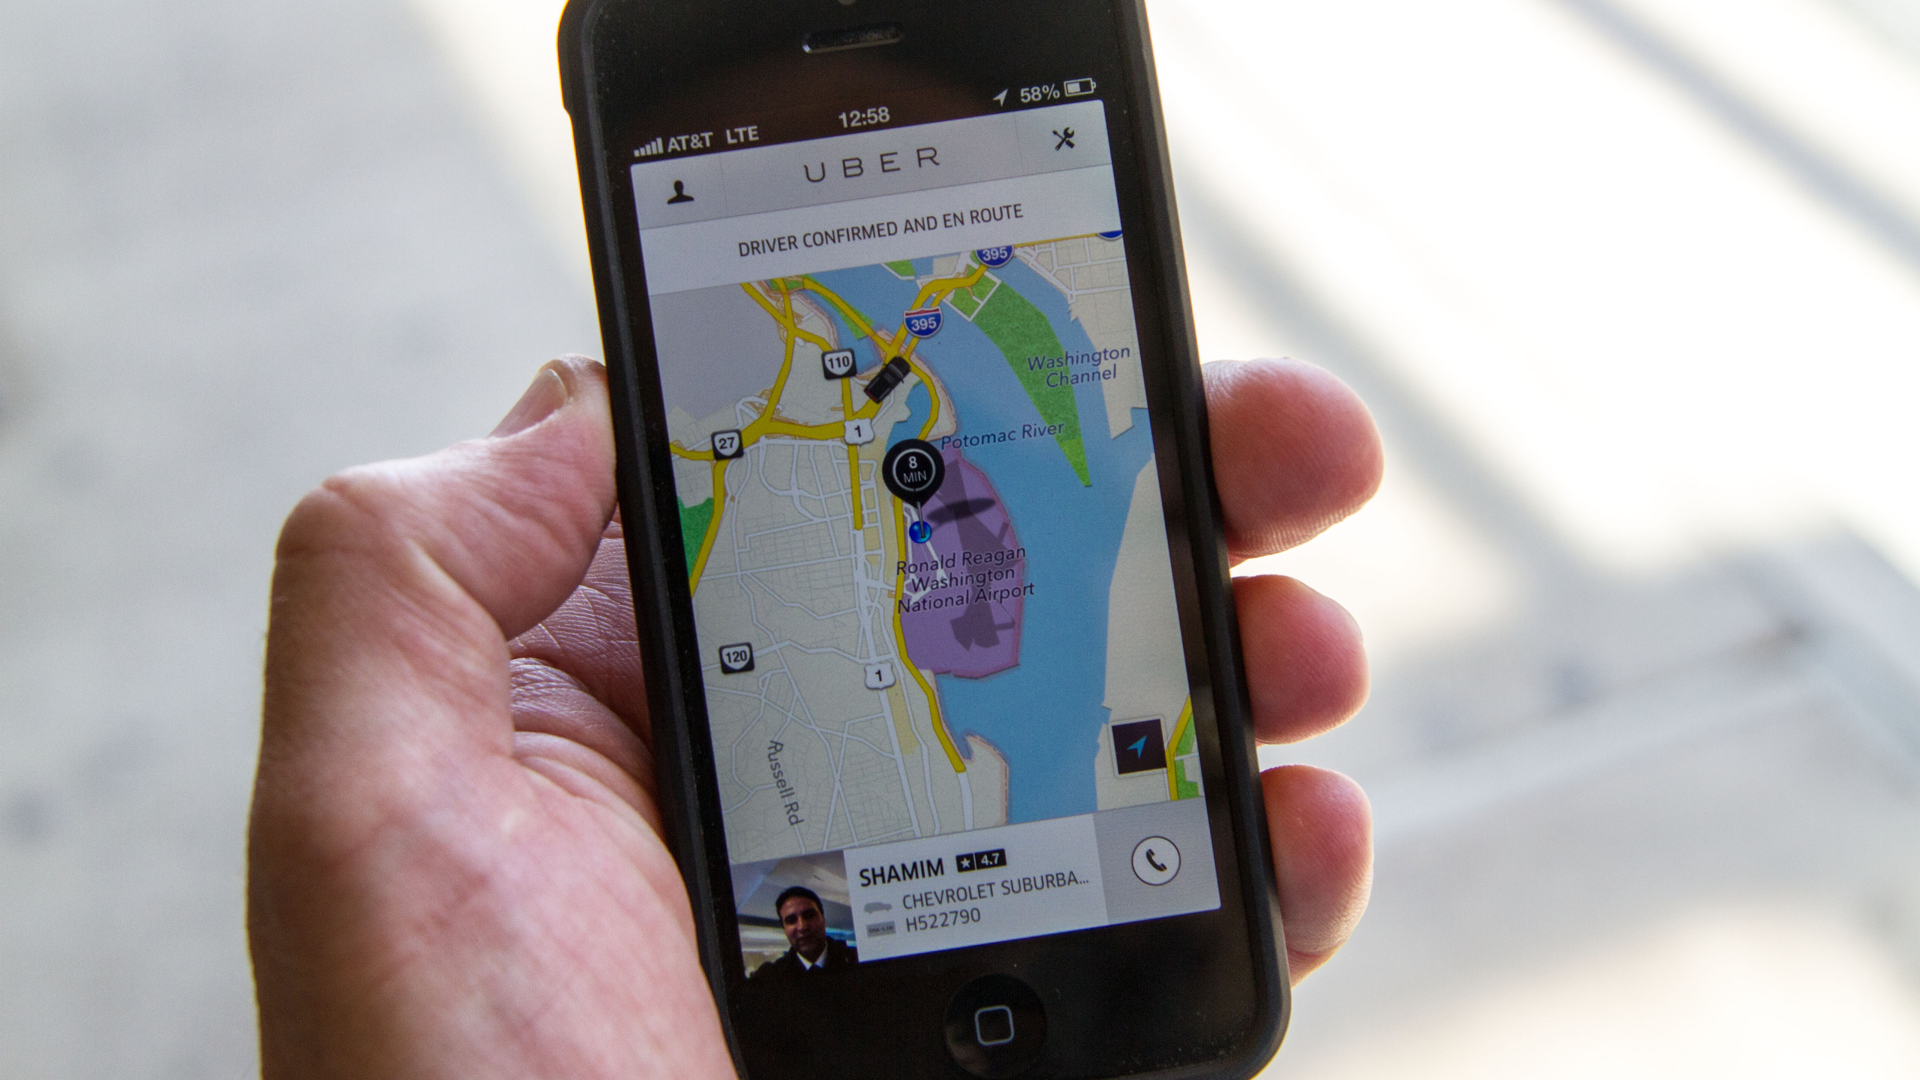 uber-app-op-iphone-16x9